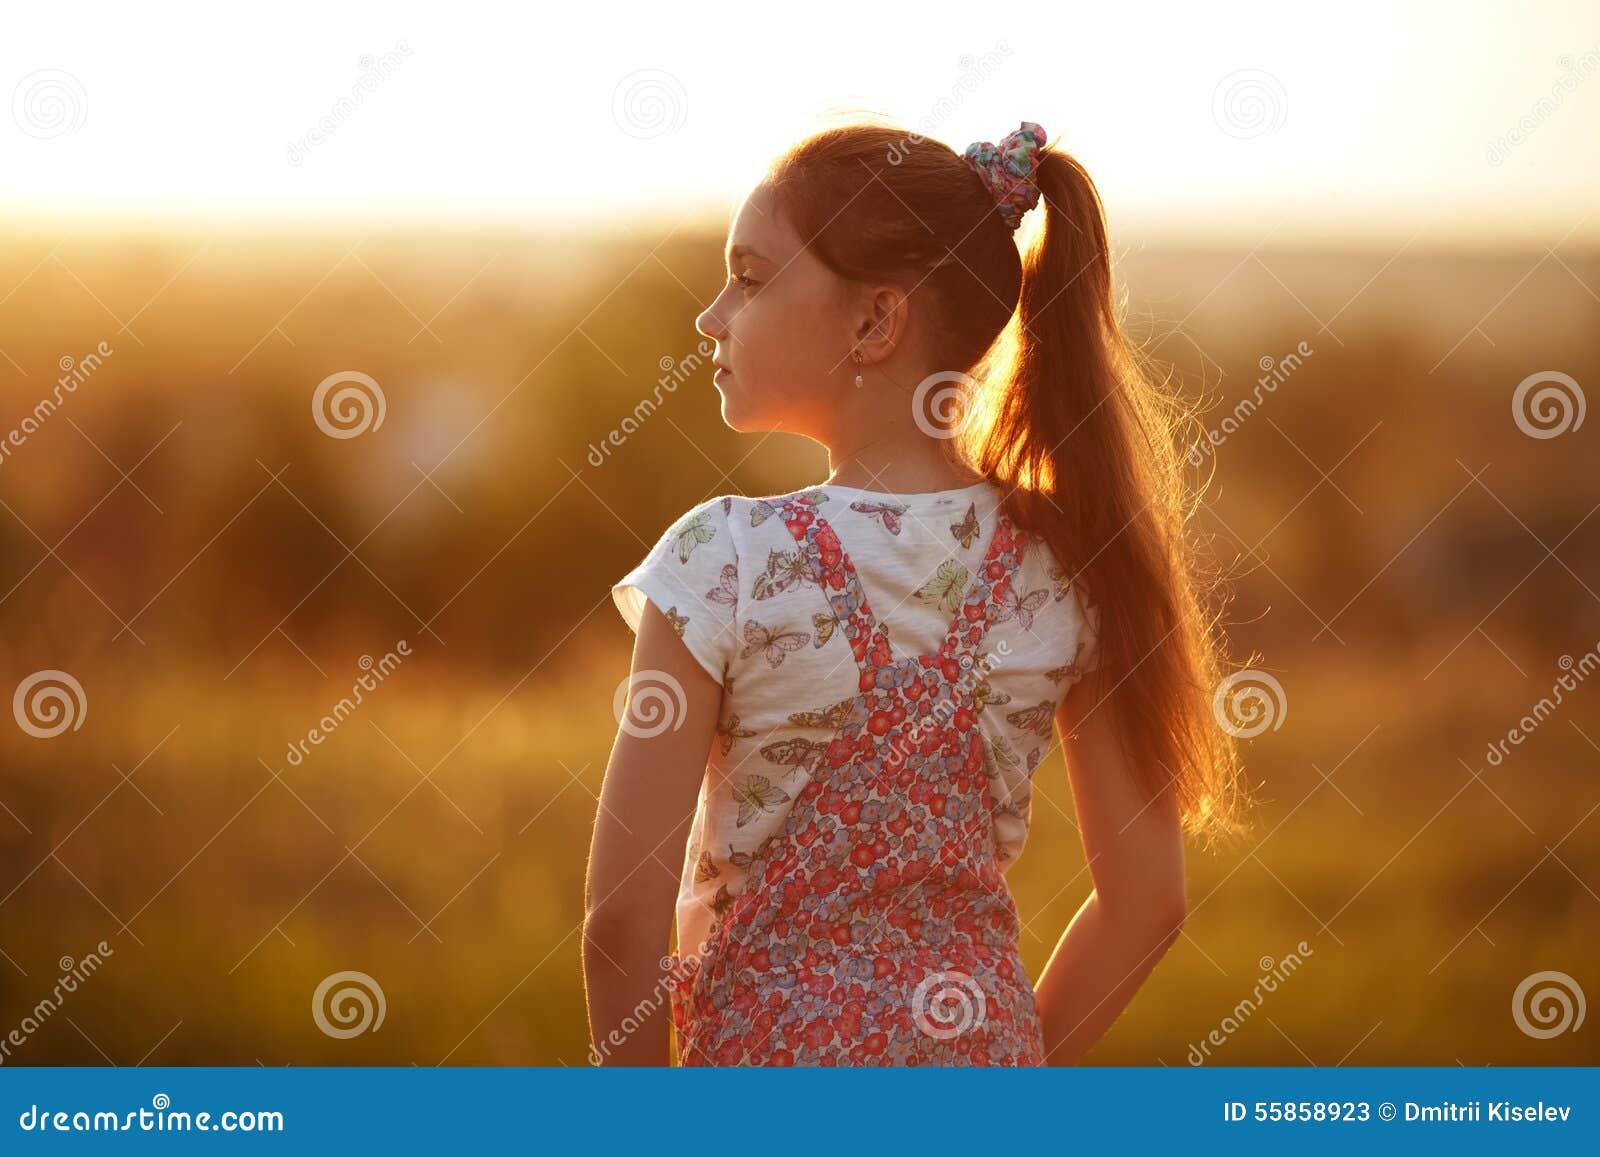 Маленькая девочка смотрит в расстояние